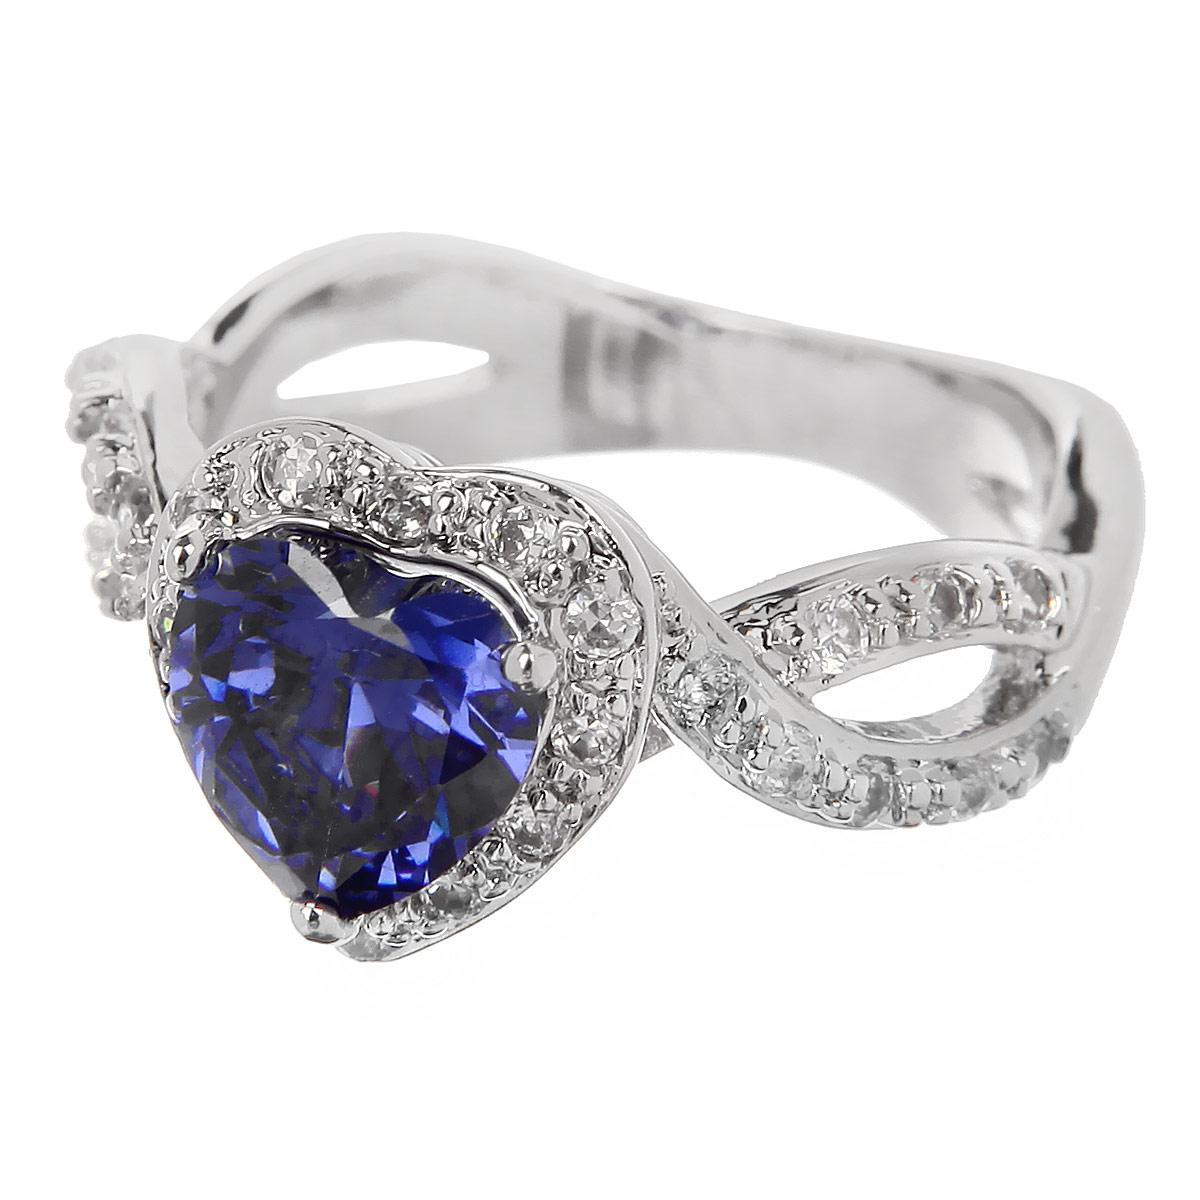 Кольцо Taya, цвет: синий, серебристый. Размер 18,5. T-B-4778Коктейльное кольцоВеликолепное кольцо Taya выполнено из гипоаллергенного металлического сплава на основе латуни с родиевым покрытием. Изделие дополнено цирконами. Такое кольцо станет украшением любого наряда. Кольцо подчеркнет вашу яркую индивидуальность и поможет создать неповторимый образ.